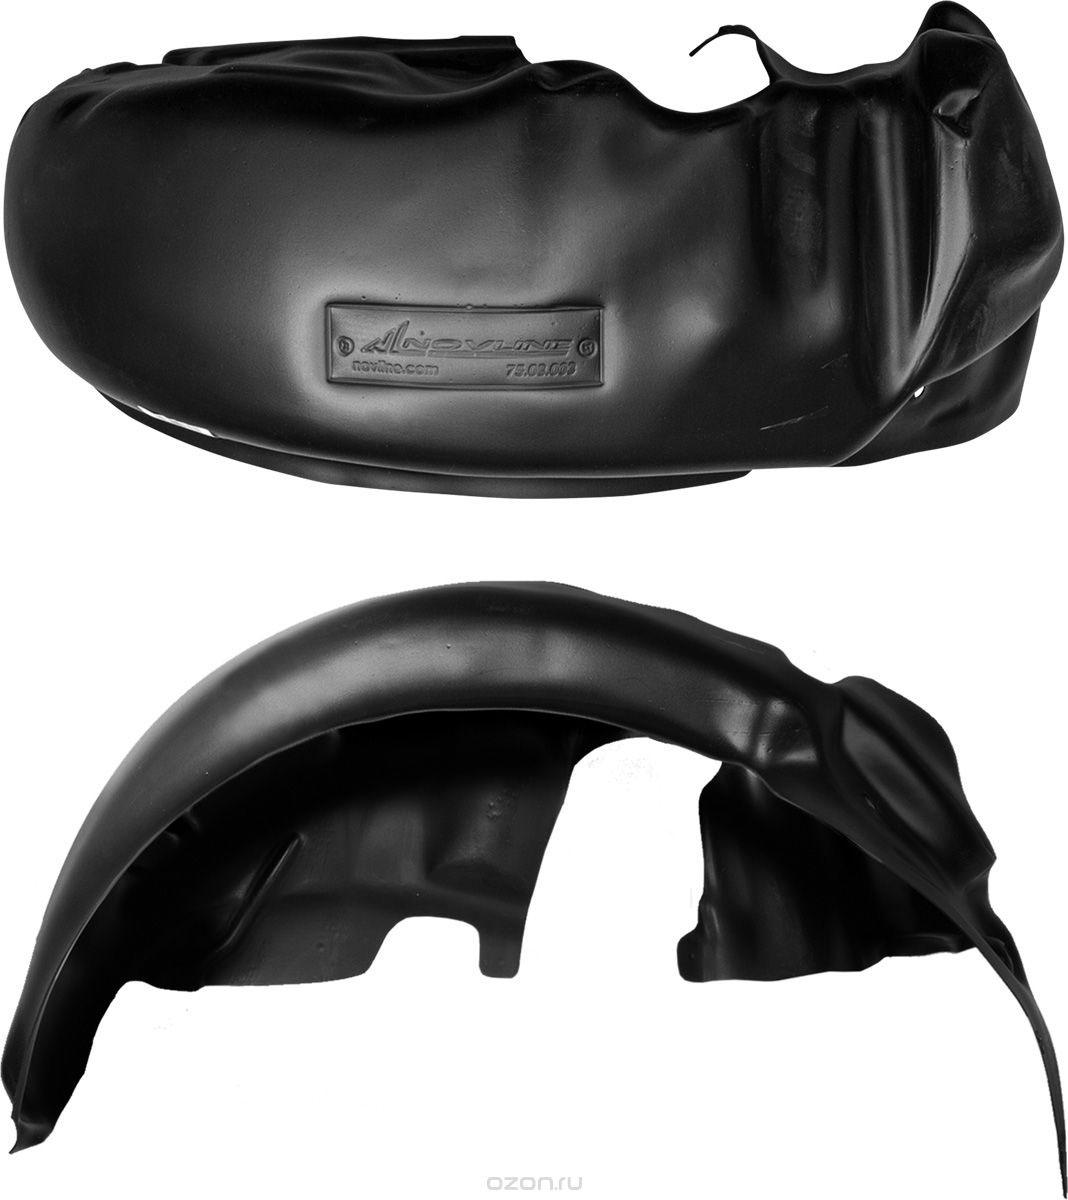 Подкрылок Novline-Autofamily, для RENAULT Sandero, 01/2014->, передний левыйNLL.41.35.001Идеальная защита колесной ниши. Локеры разработаны с применением цифровых технологий, гарантируют максимальную повторяемость поверхности арки. Изделия устанавливаются без нарушения лакокрасочного покрытия автомобиля, каждый подкрылок комплектуется крепежом. Уважаемые клиенты, обращаем ваше внимание, что фотографии на подкрылки универсальные и не отражают реальную форму изделия. При этом само изделие идет точно под размер указанного автомобиля.